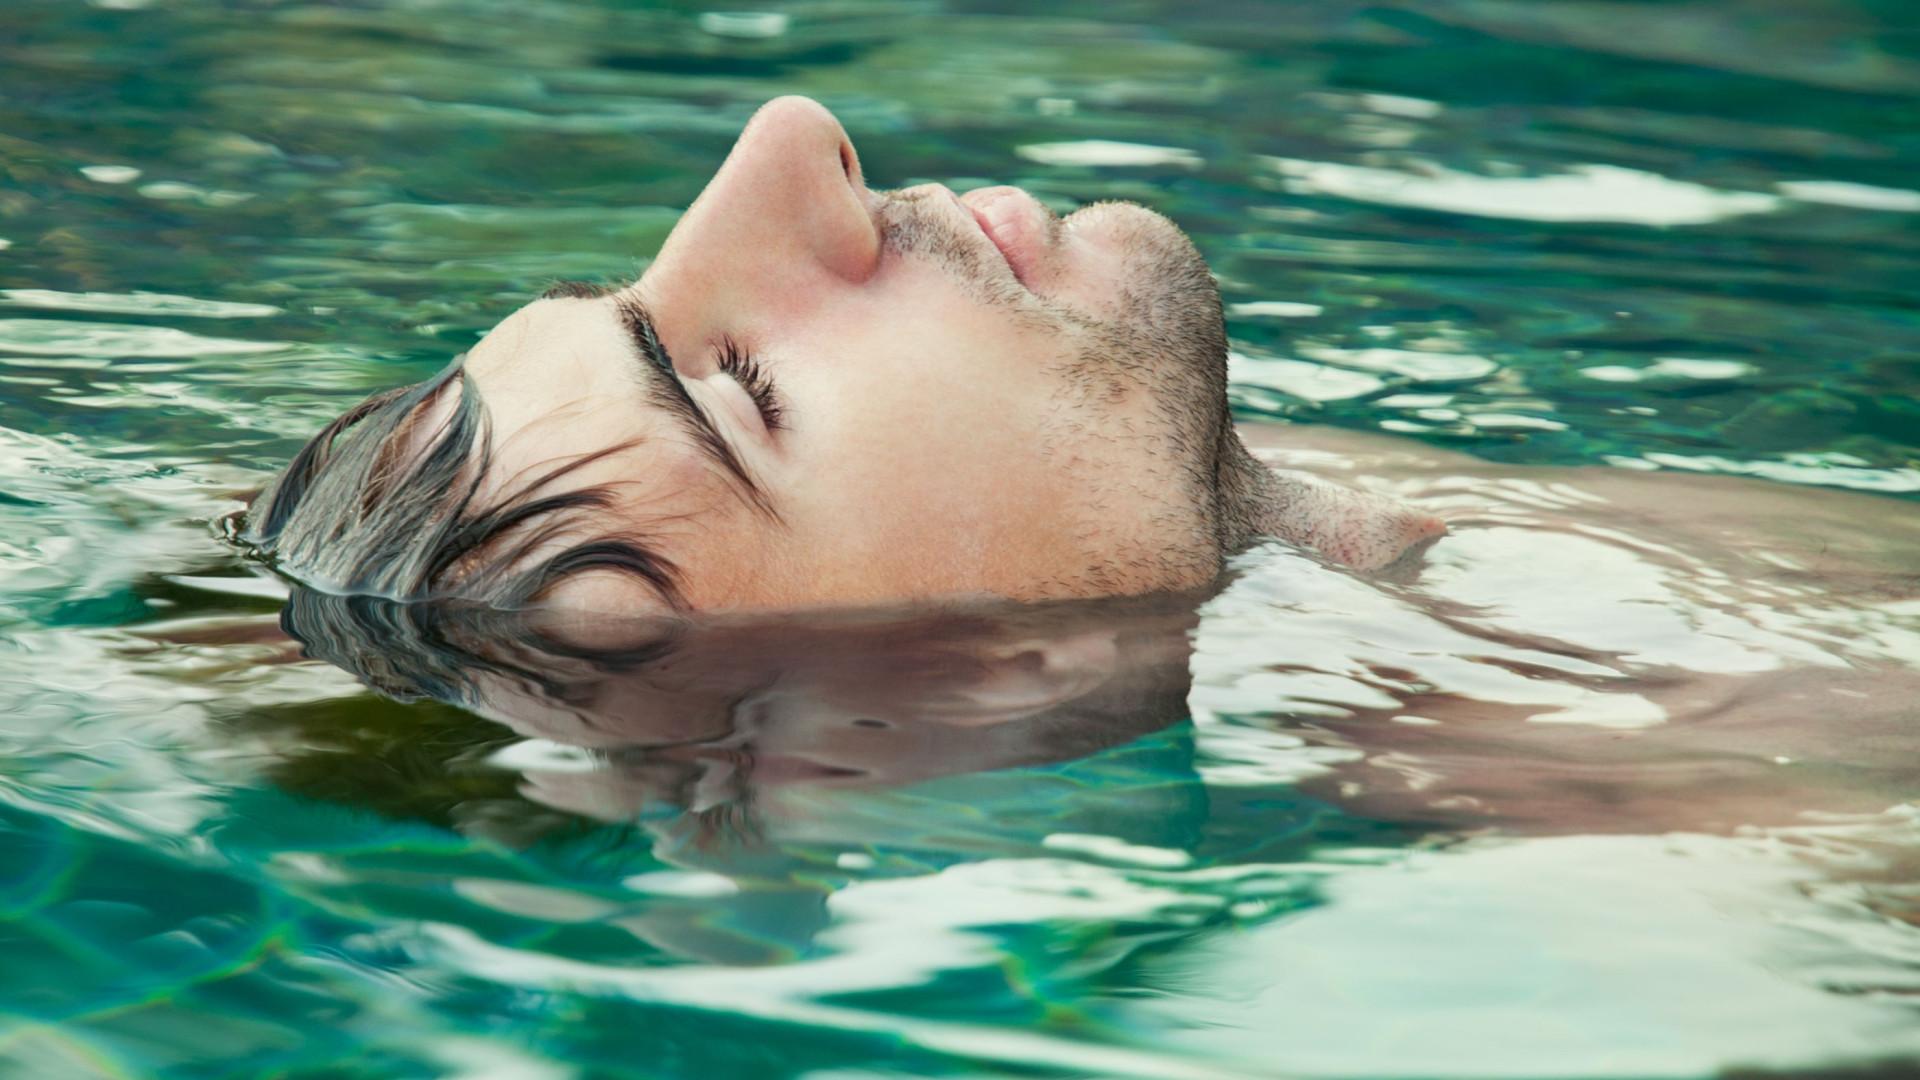 Descubra os estranhos e curiosos benefícios de flutuar em água salgada